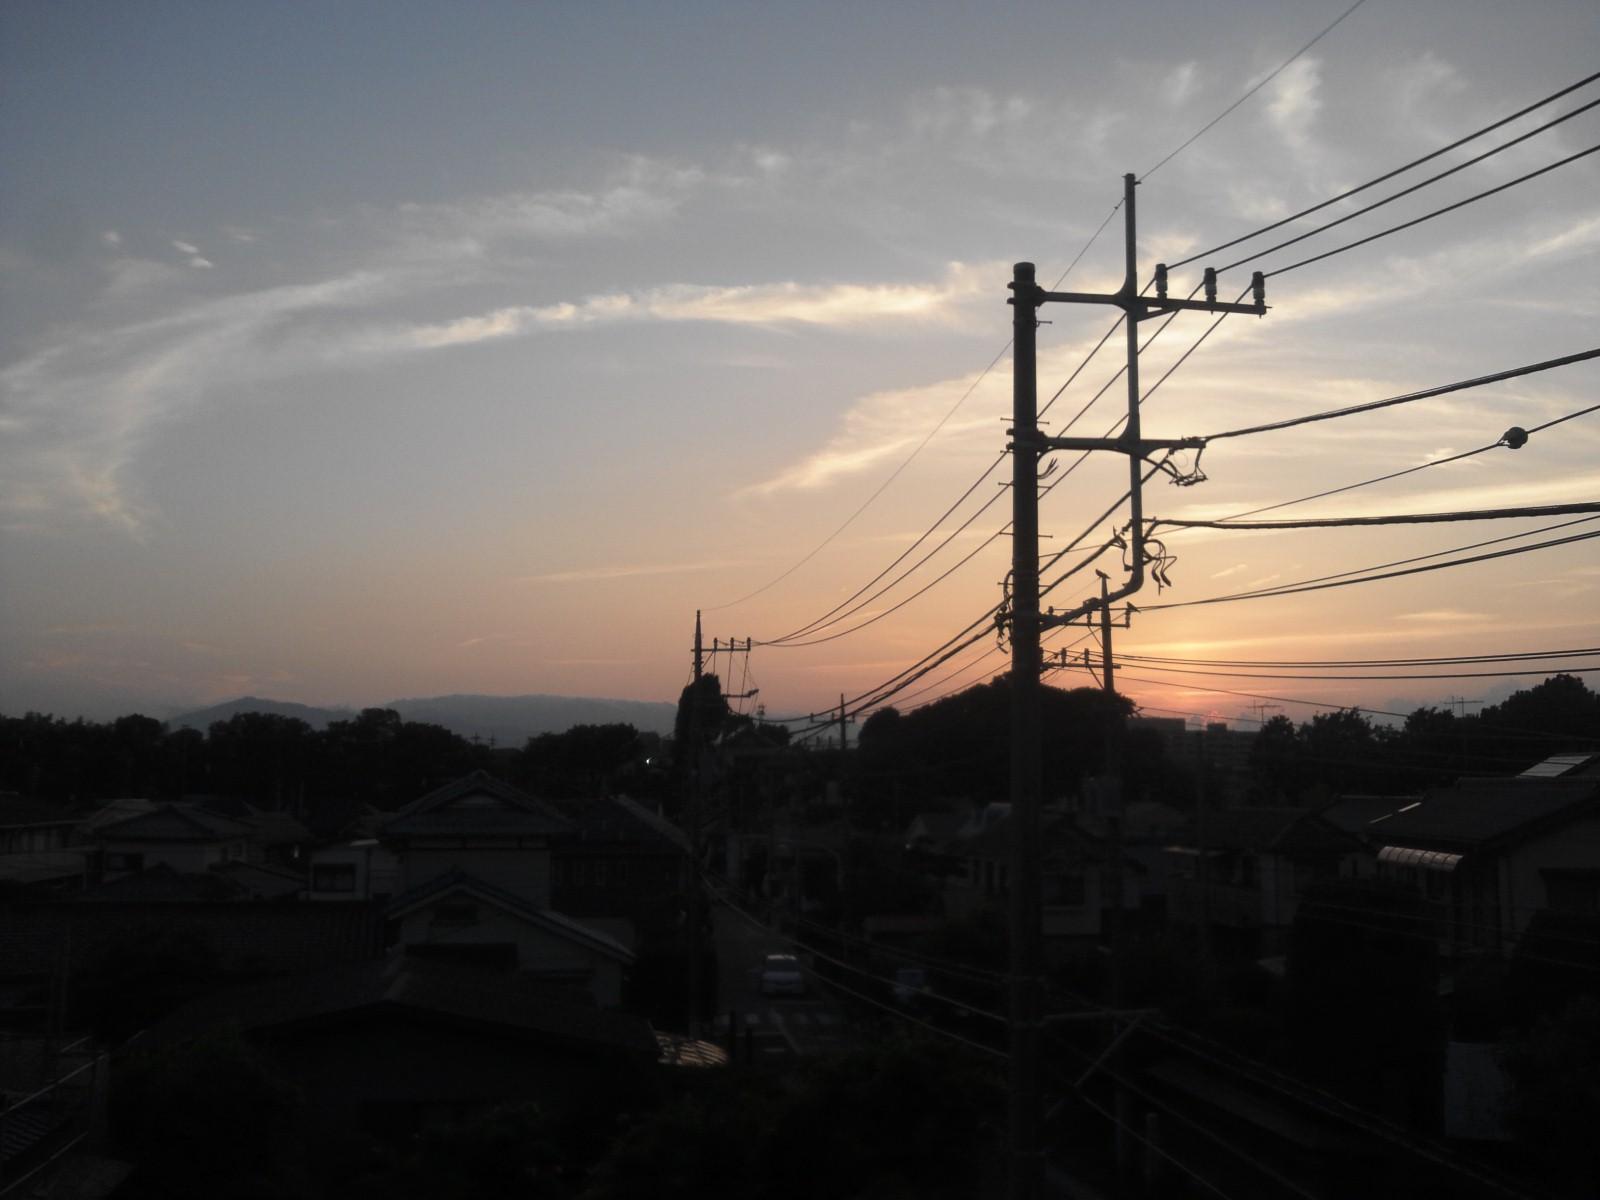 夏休み最後の夕焼け